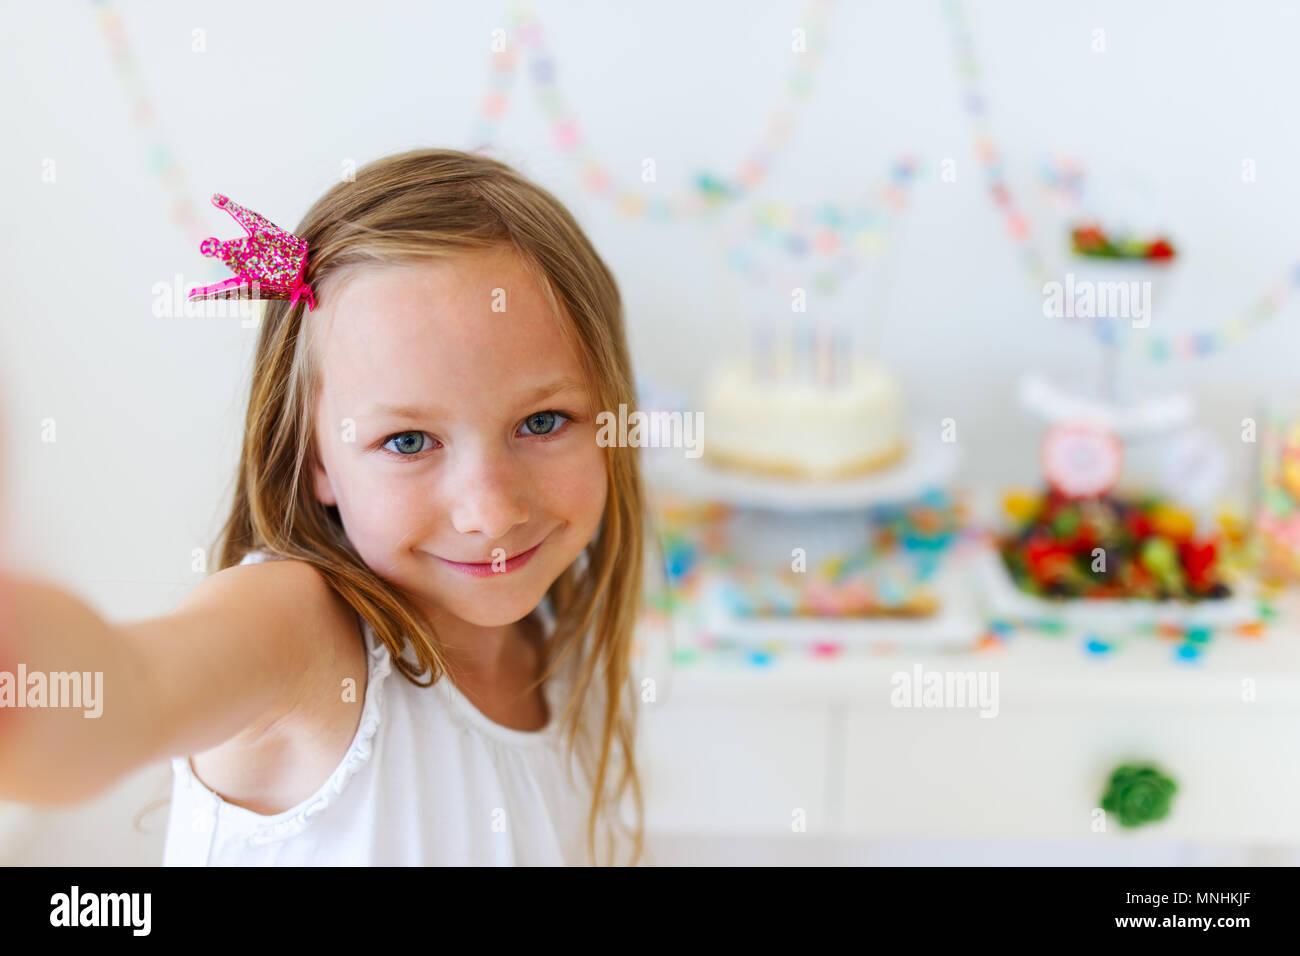 Adorable kleine Mädchen mit Prinzessin Krone für Kinder Geburtstag party selfie Stockbild